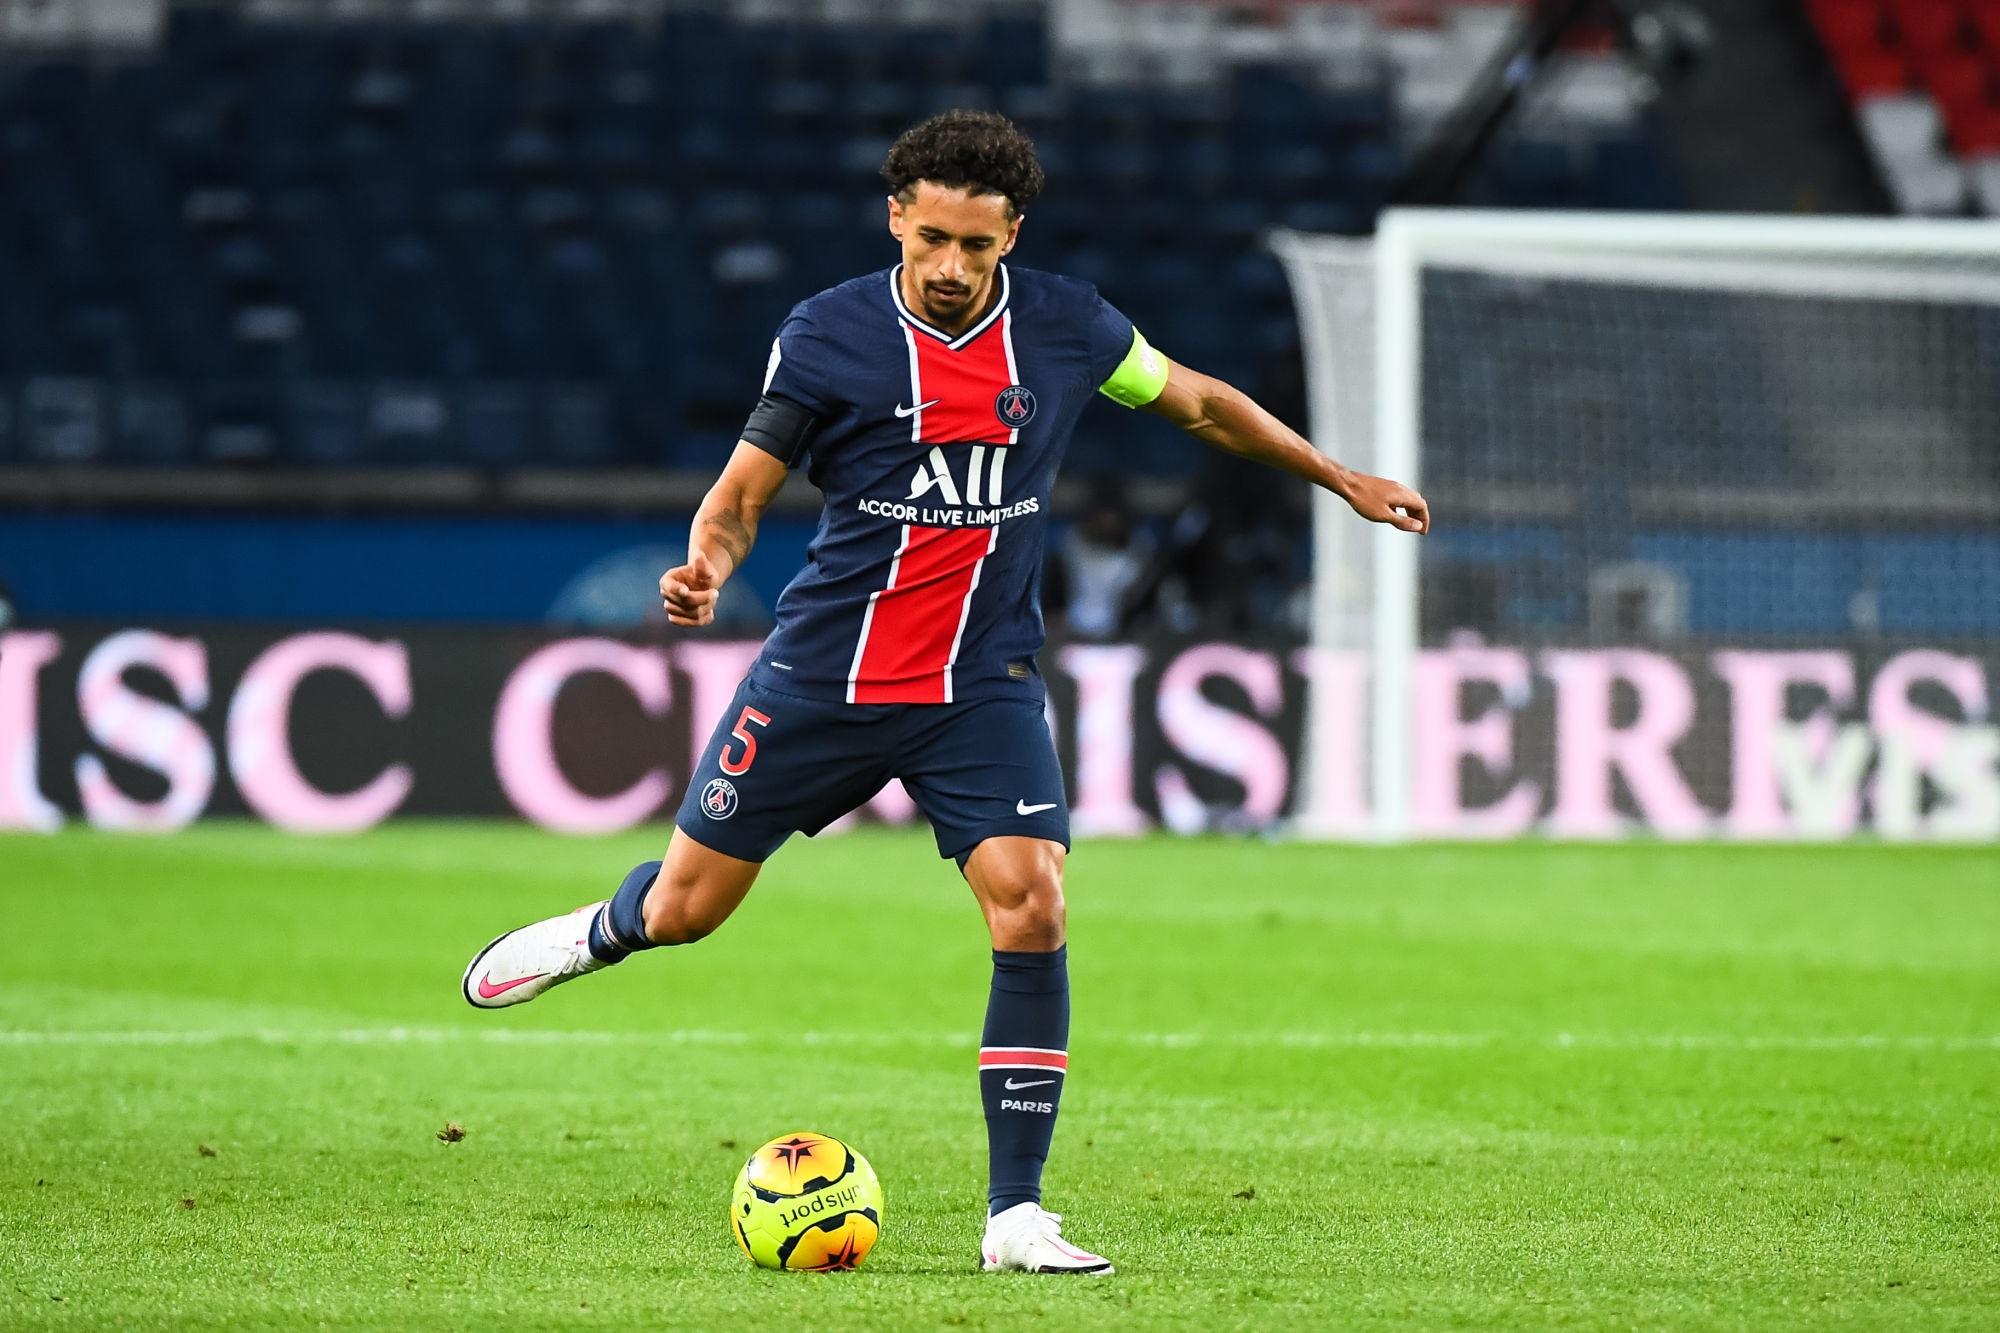 """PSG/Dijon - Marquinhos souligne """"Le plus important était de retrouver la victoire"""""""